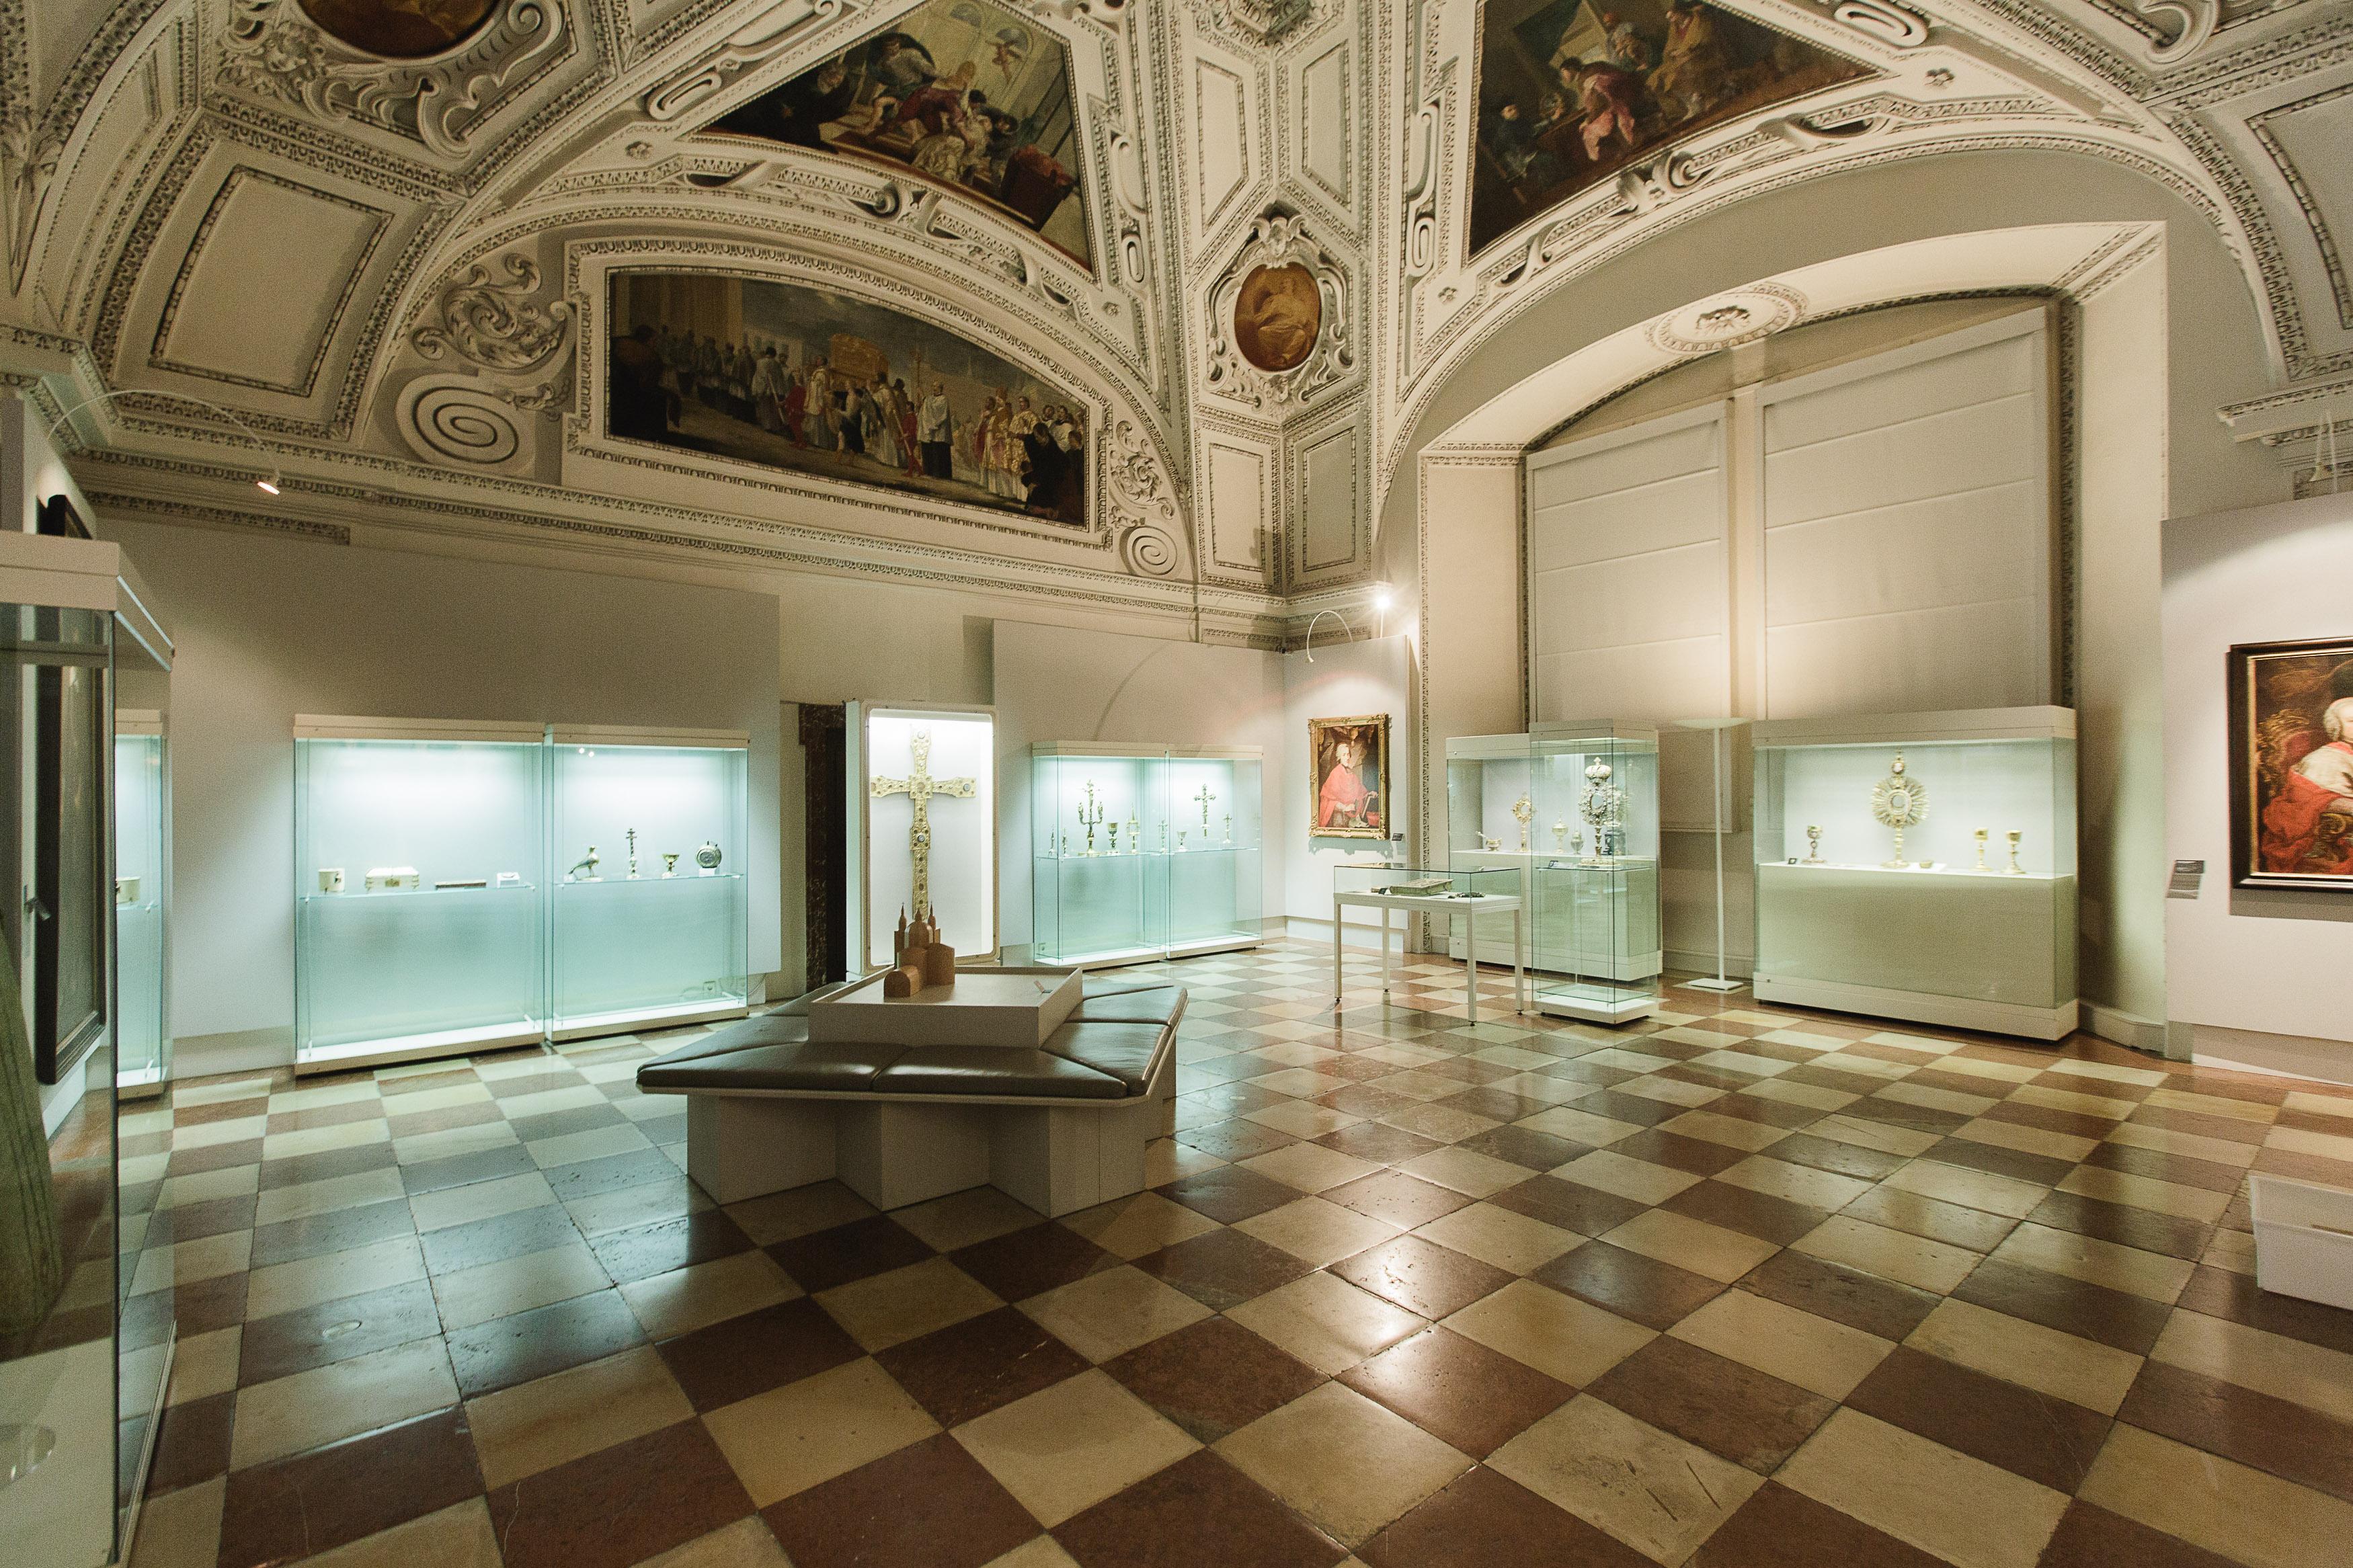 Veranstaltung Kunstschätze aus der Erzdiözese Salzburg – Dommuseum im DomQuartier Salzburg